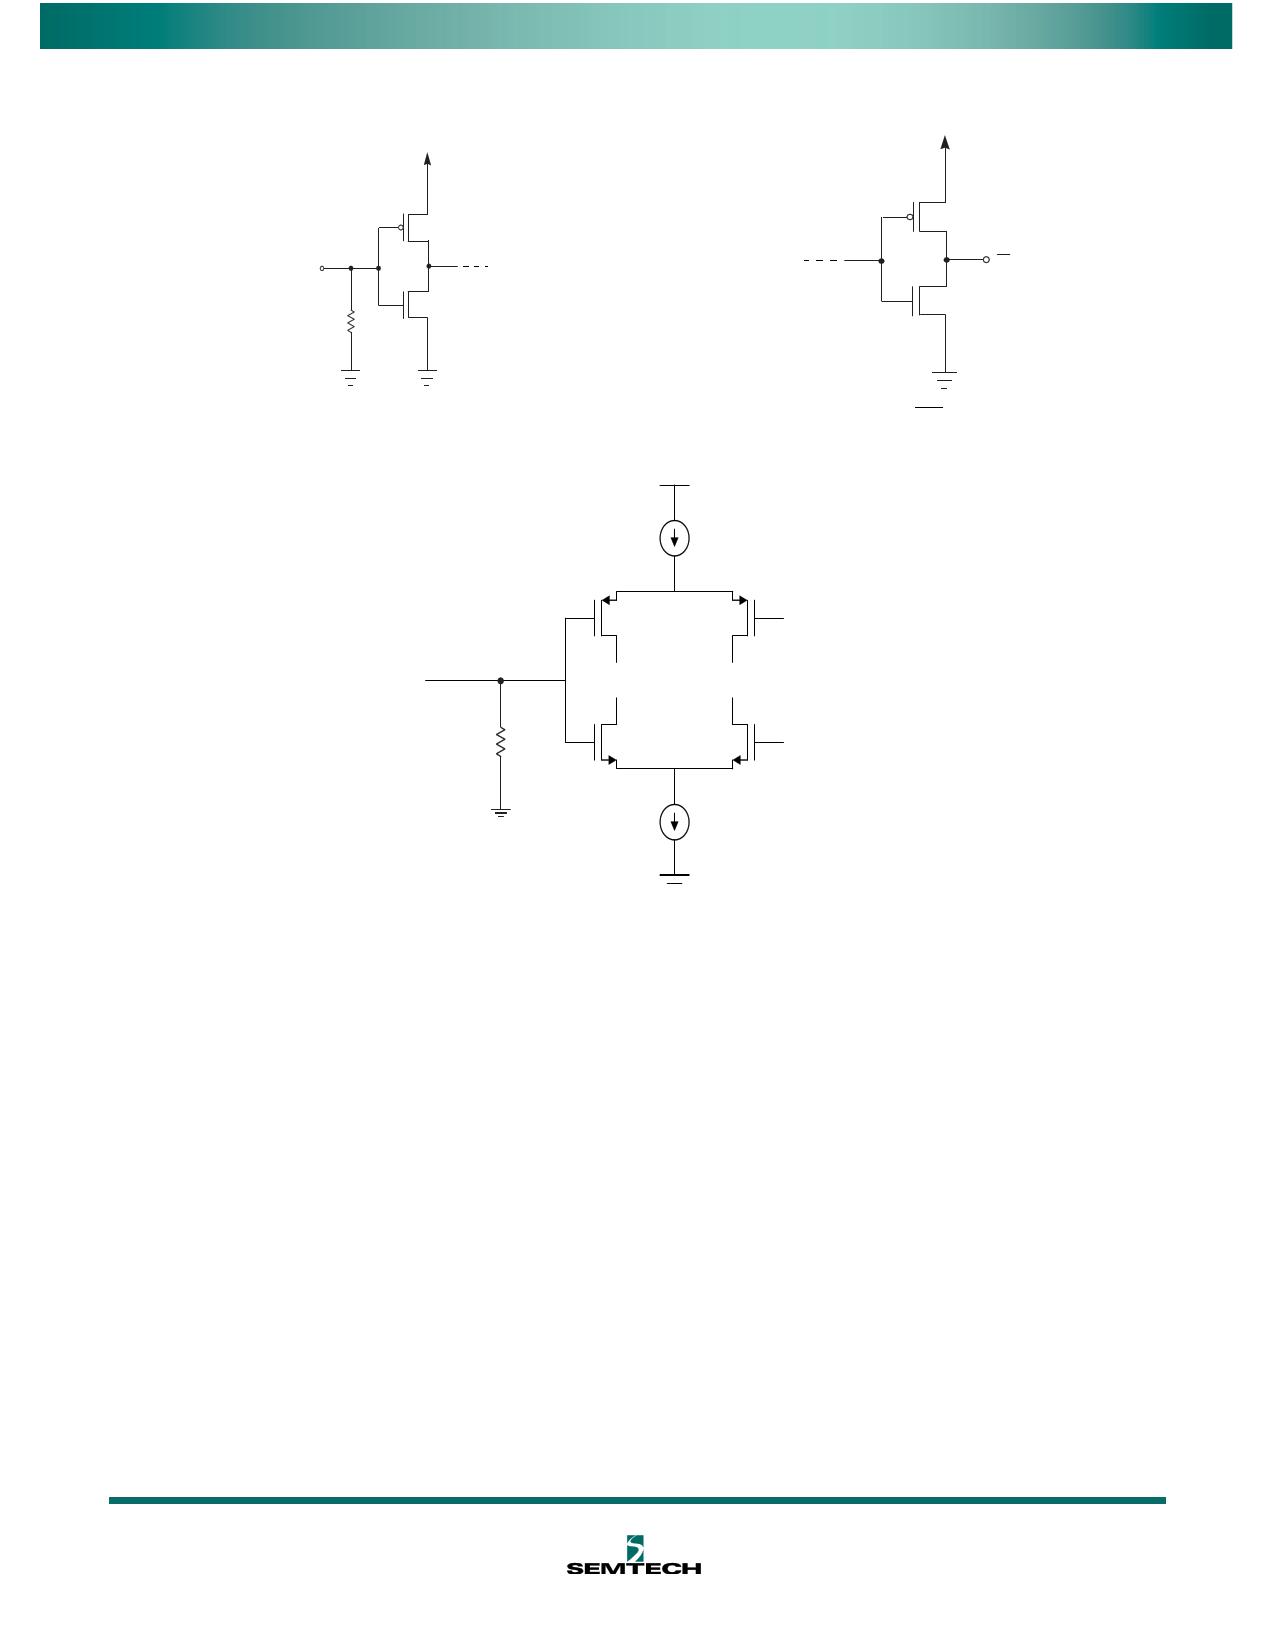 GS2994 arduino